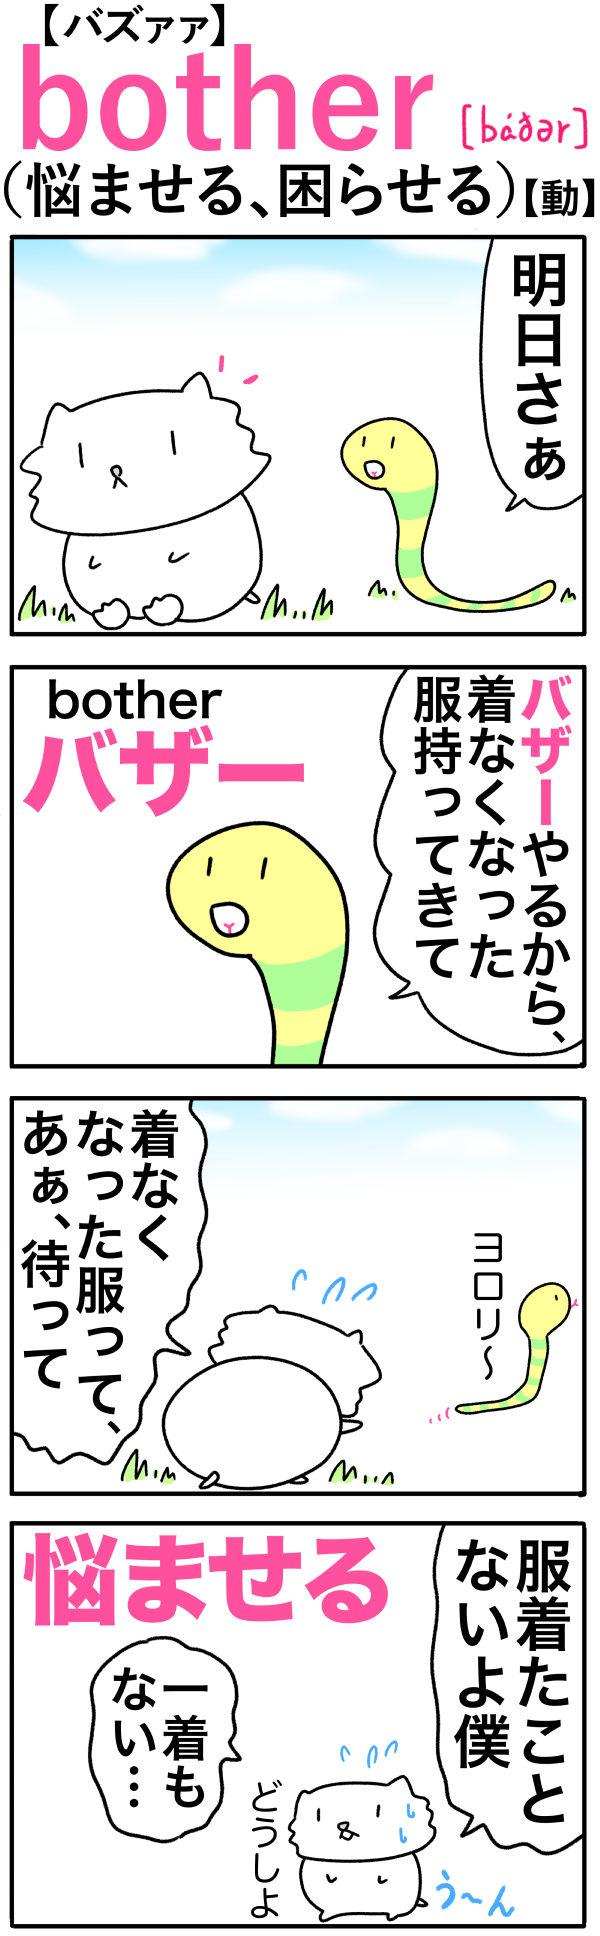 bother(悩ませる、困らせる)の語呂合わせ英単語